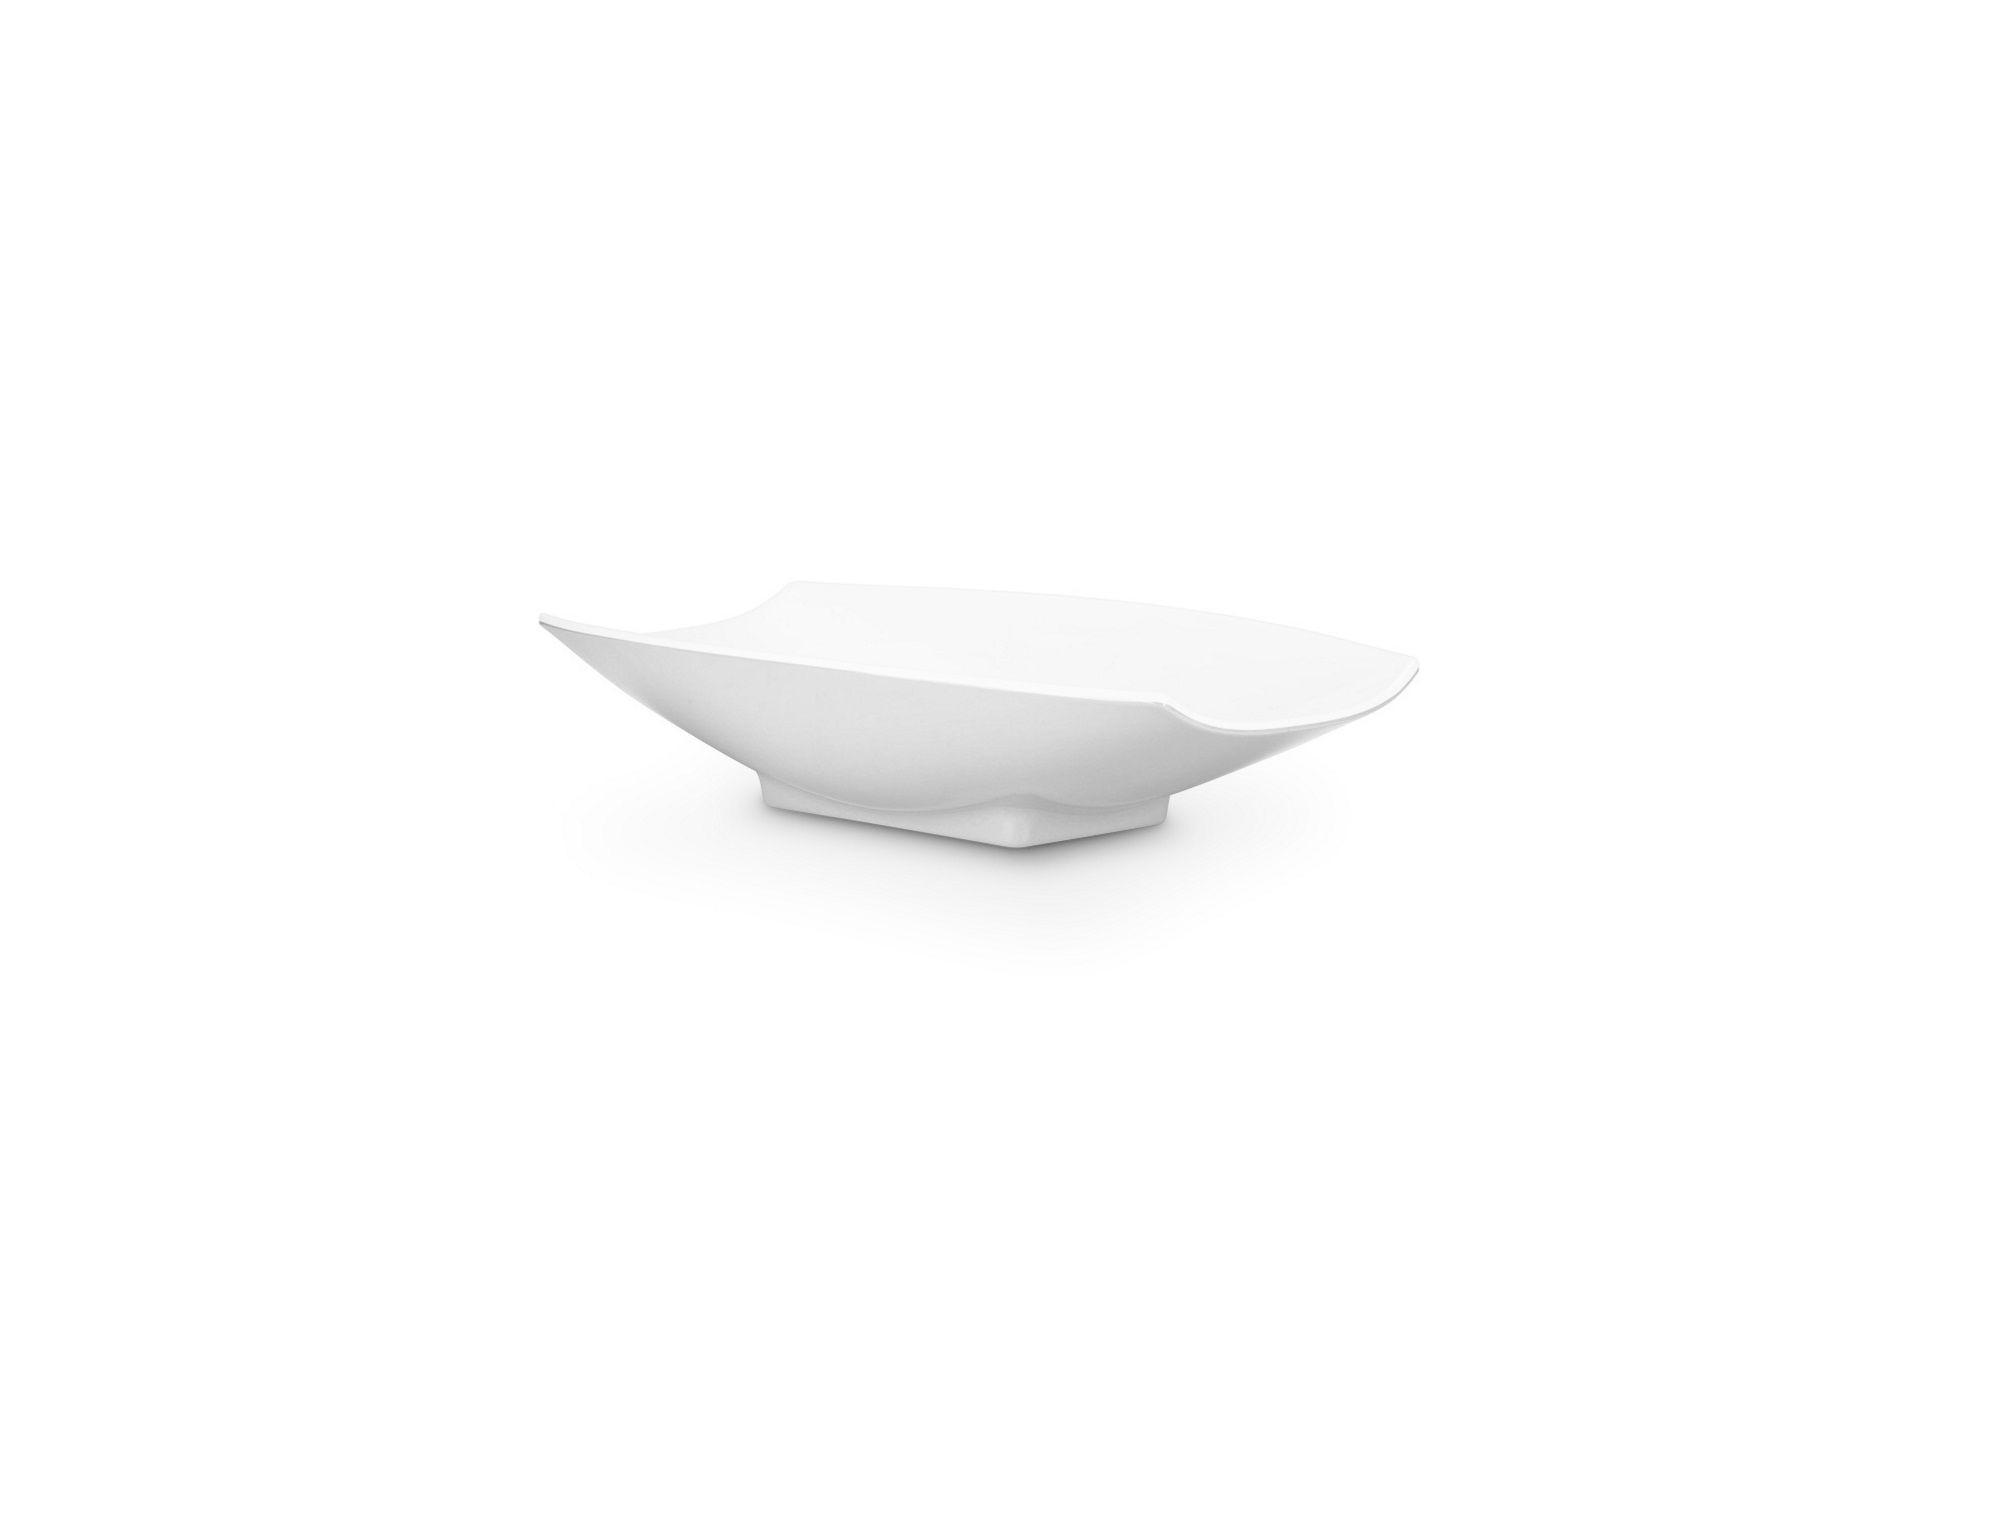 Bon Chef 53700White White Melamine Curves Bowl, 4 oz.